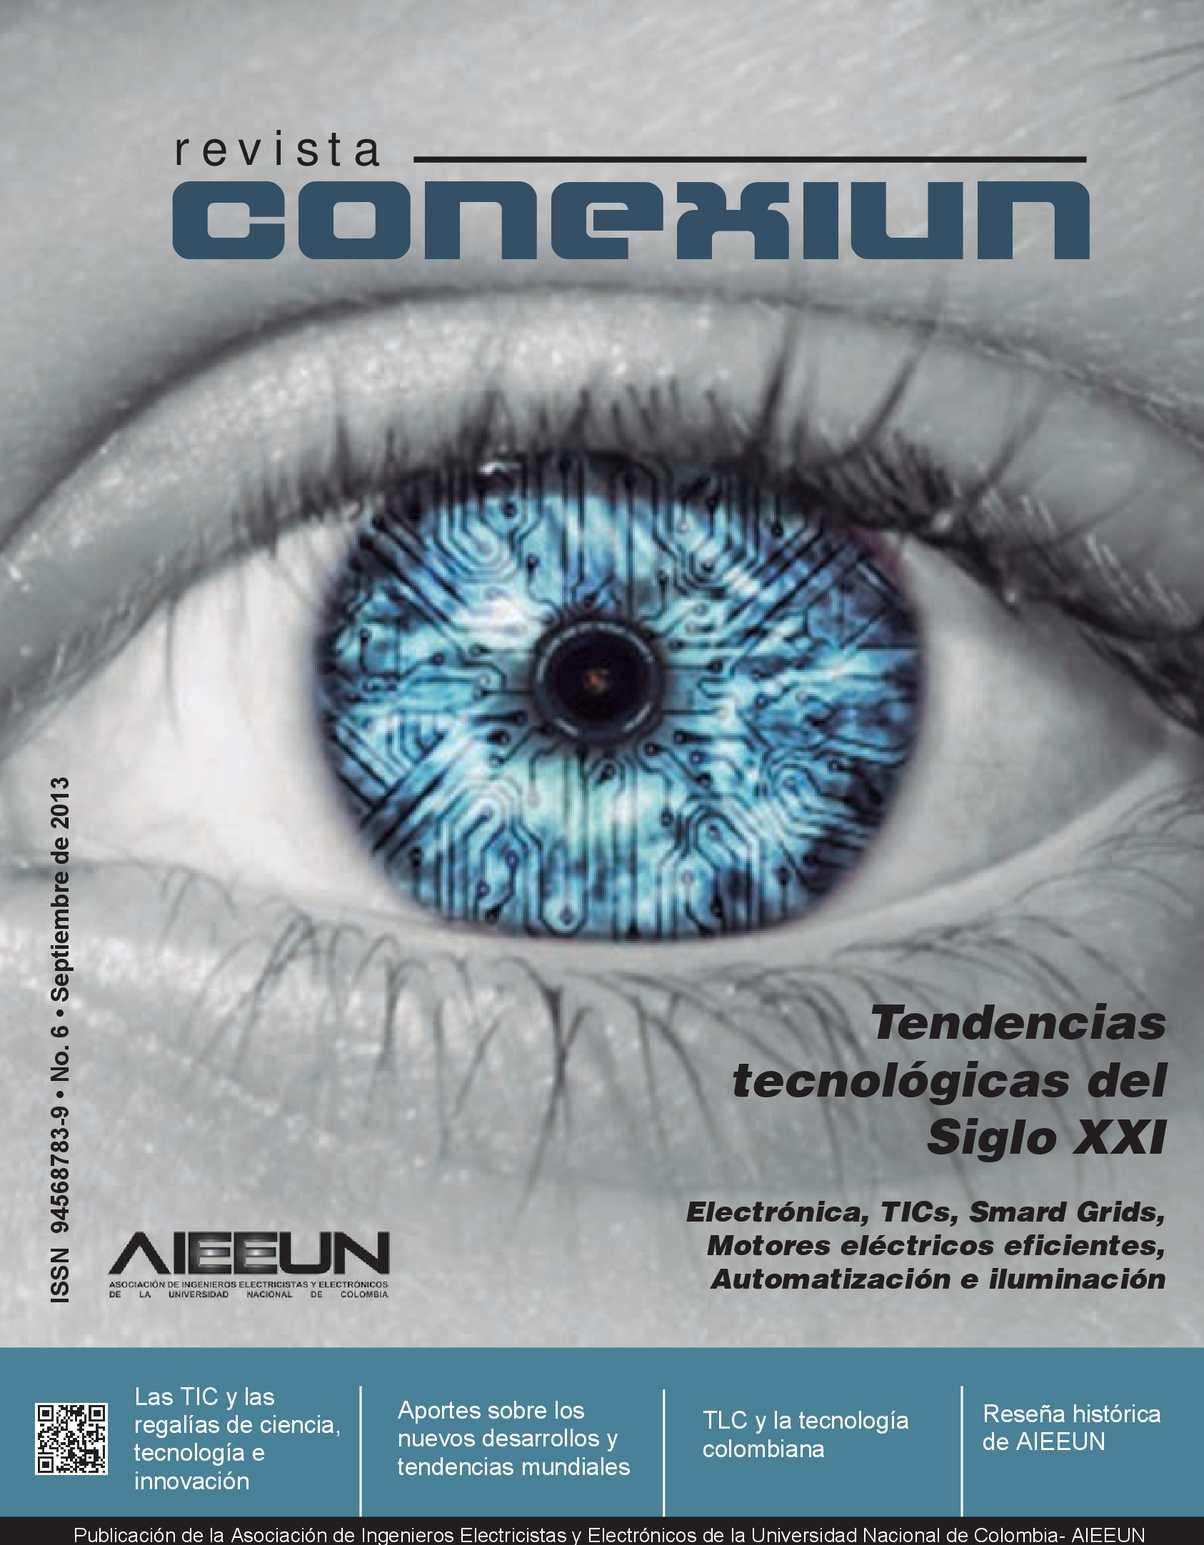 Calaméo - Conexiun 6 (Sept 2013)